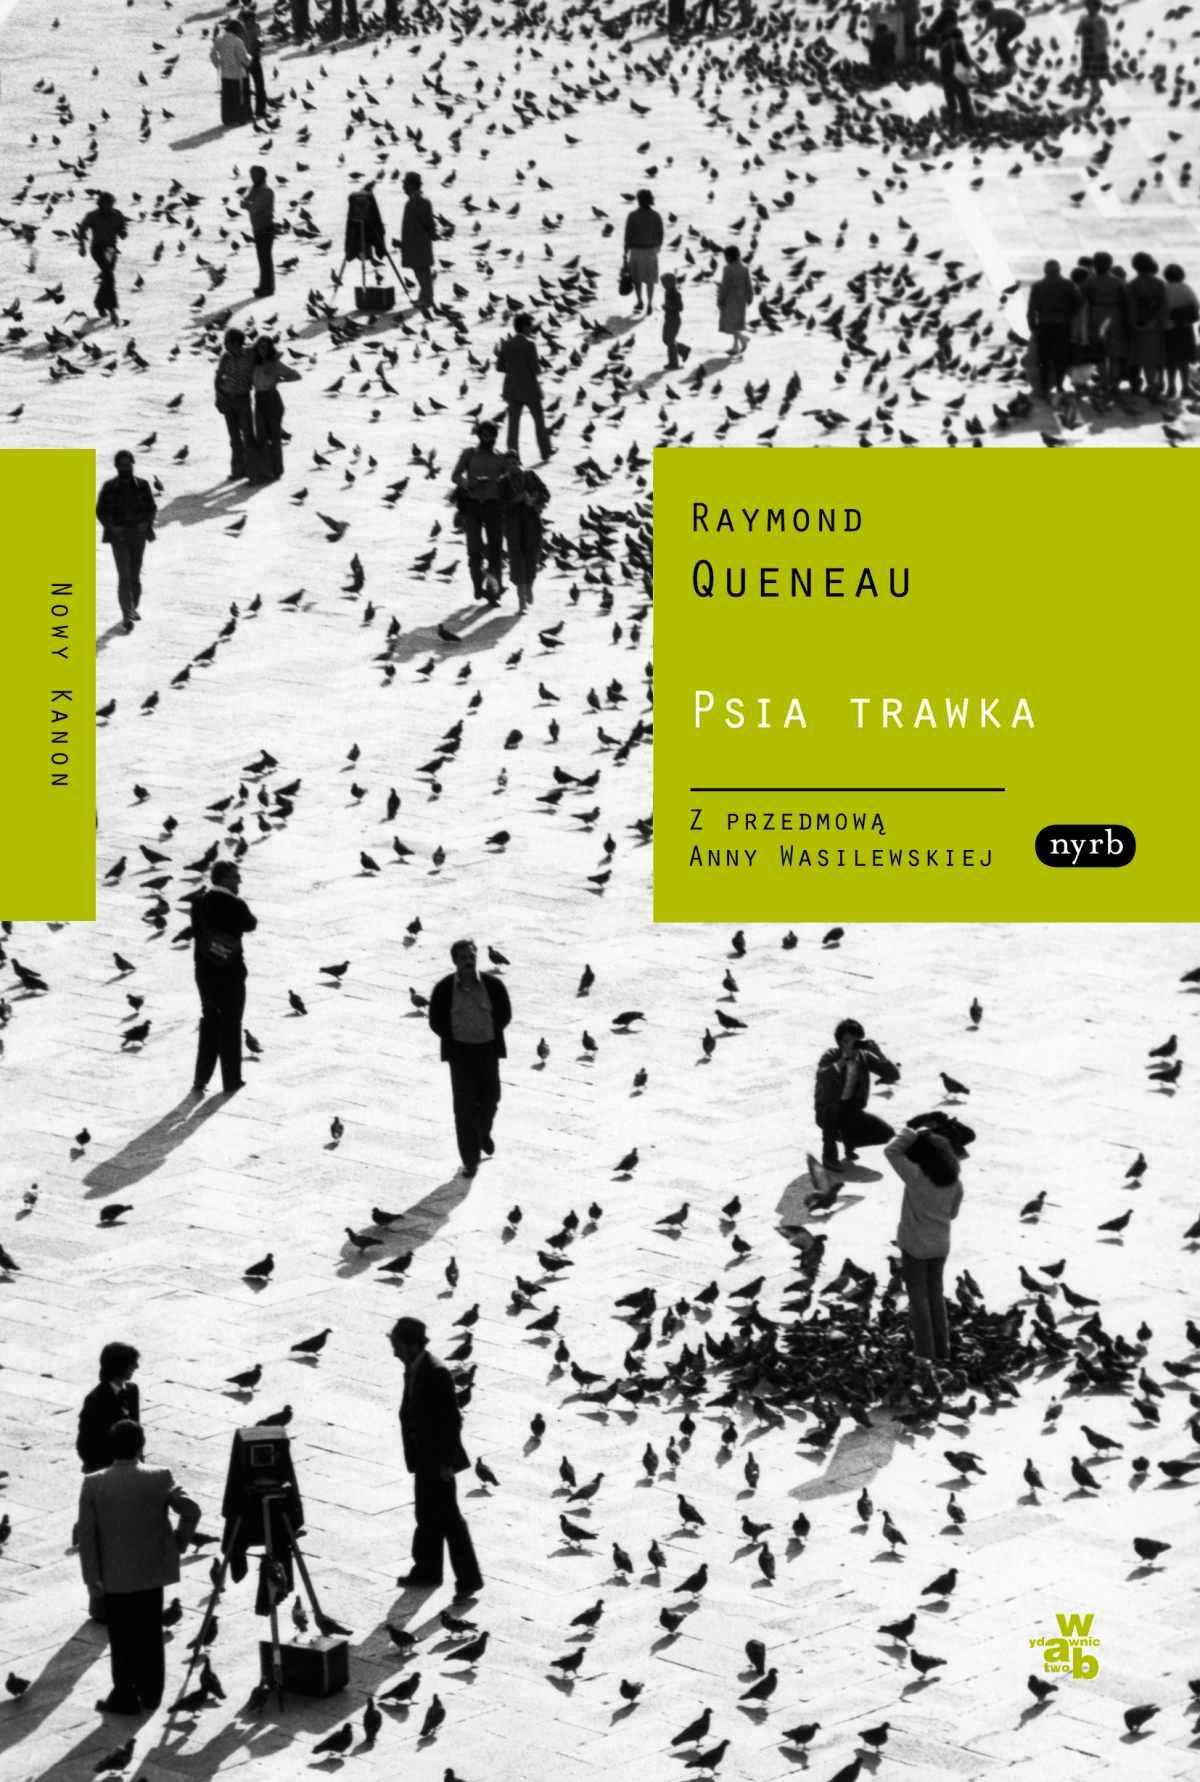 Psia trawka - Tylko w Legimi możesz przeczytać ten tytuł przez 7 dni za darmo. - Raymond Queneau